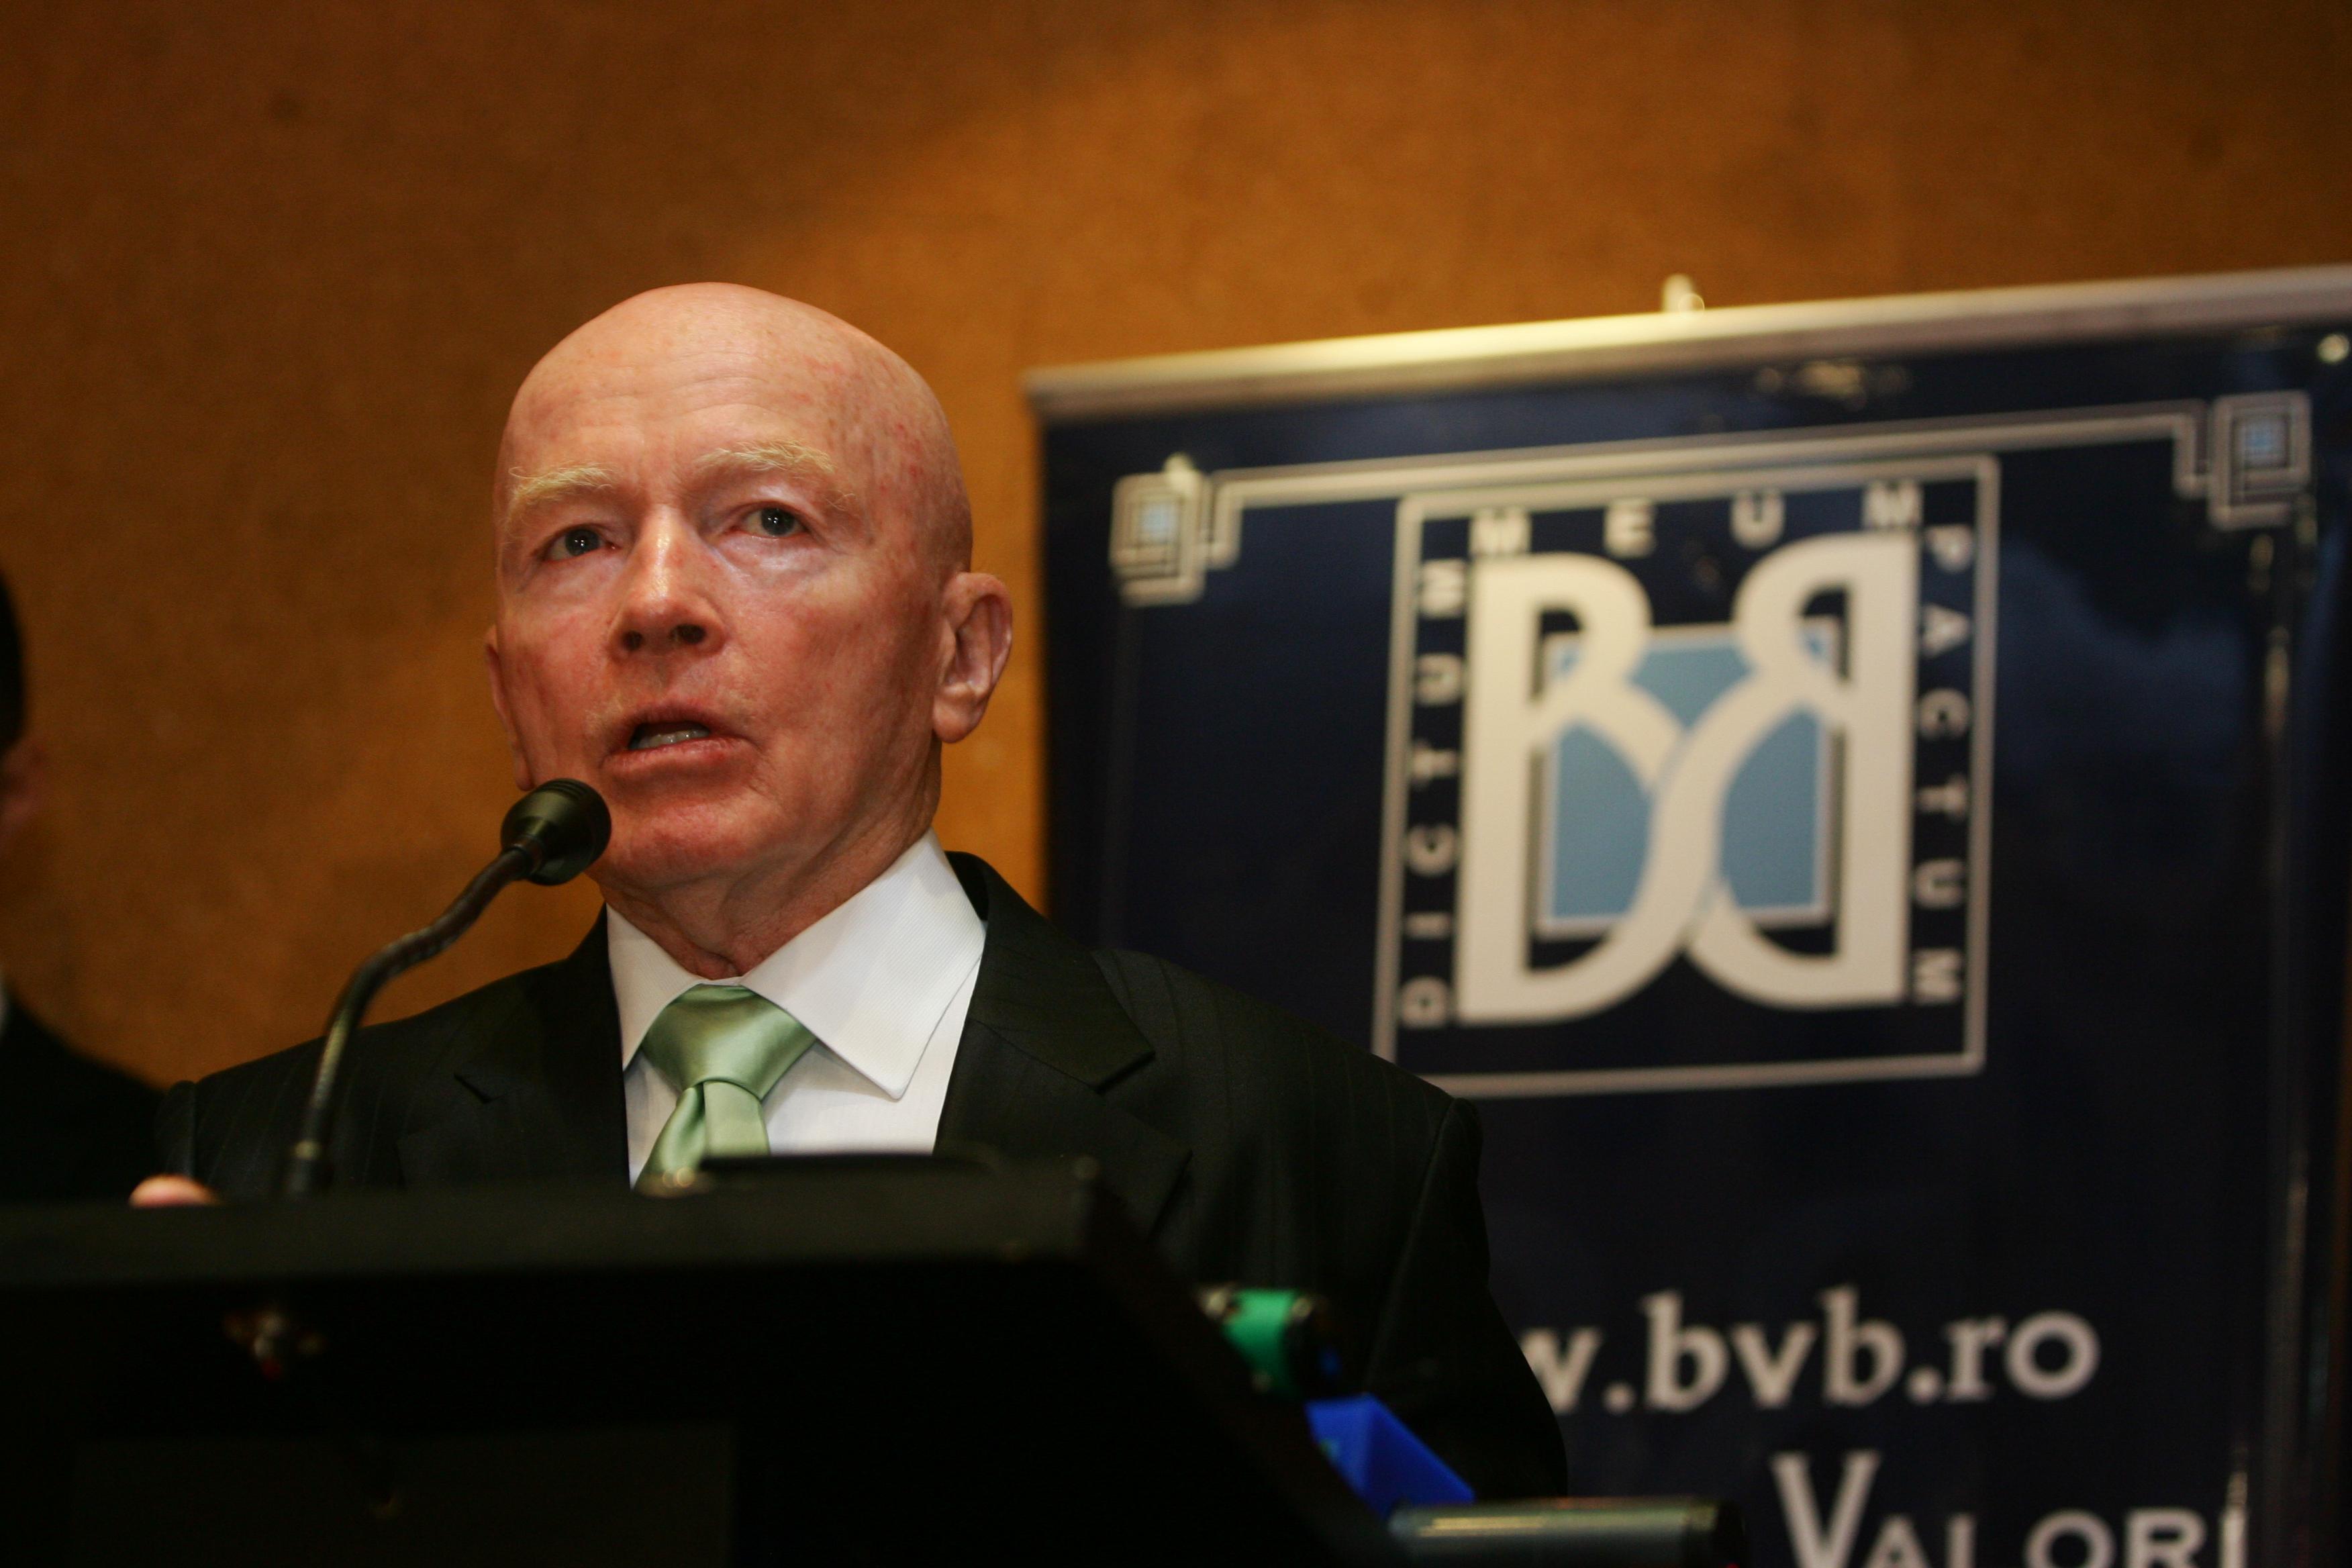 Acţionarii FP au aprobat un dividend de 0,03584 lei şi răscumpărarea a 8% din acţiuni